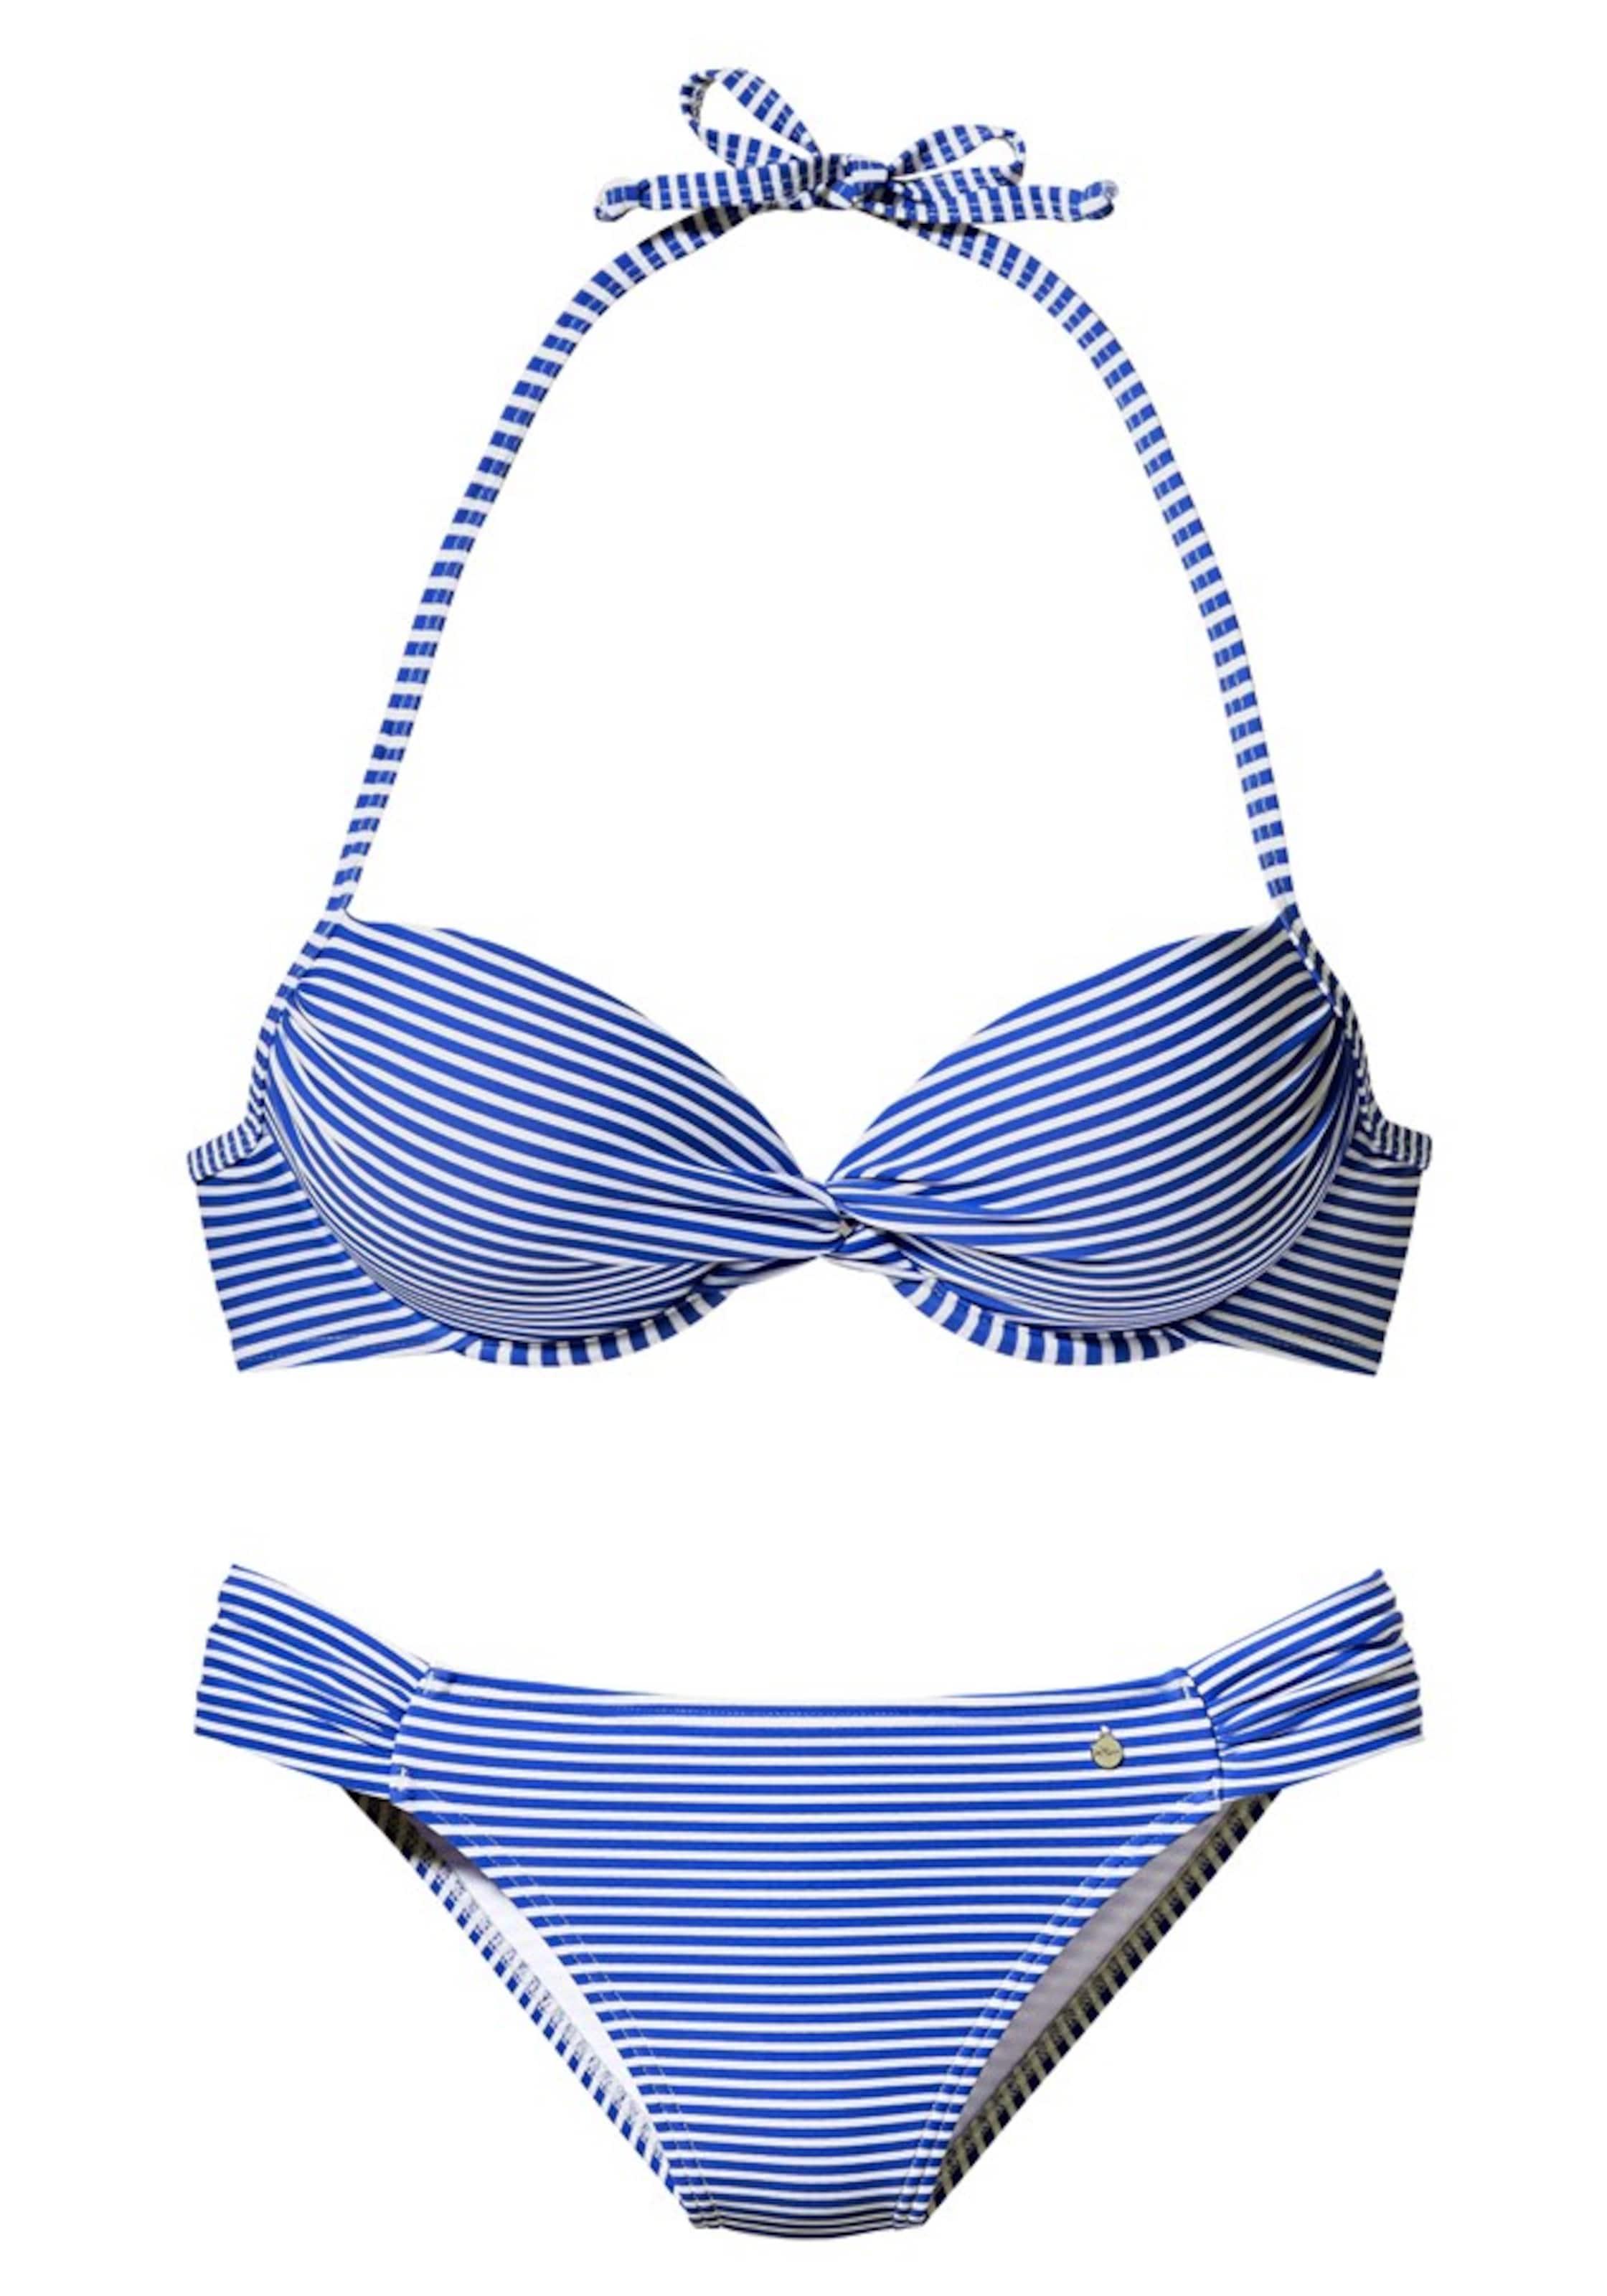 s.Oliver RED LABEL Push-Up-Bikini Verkauf Veröffentlichungstermine Für Schöne Online Größte Anbieter Günstiger Preis Factory-Outlet-Online Laden Verkauf 5sxa37T